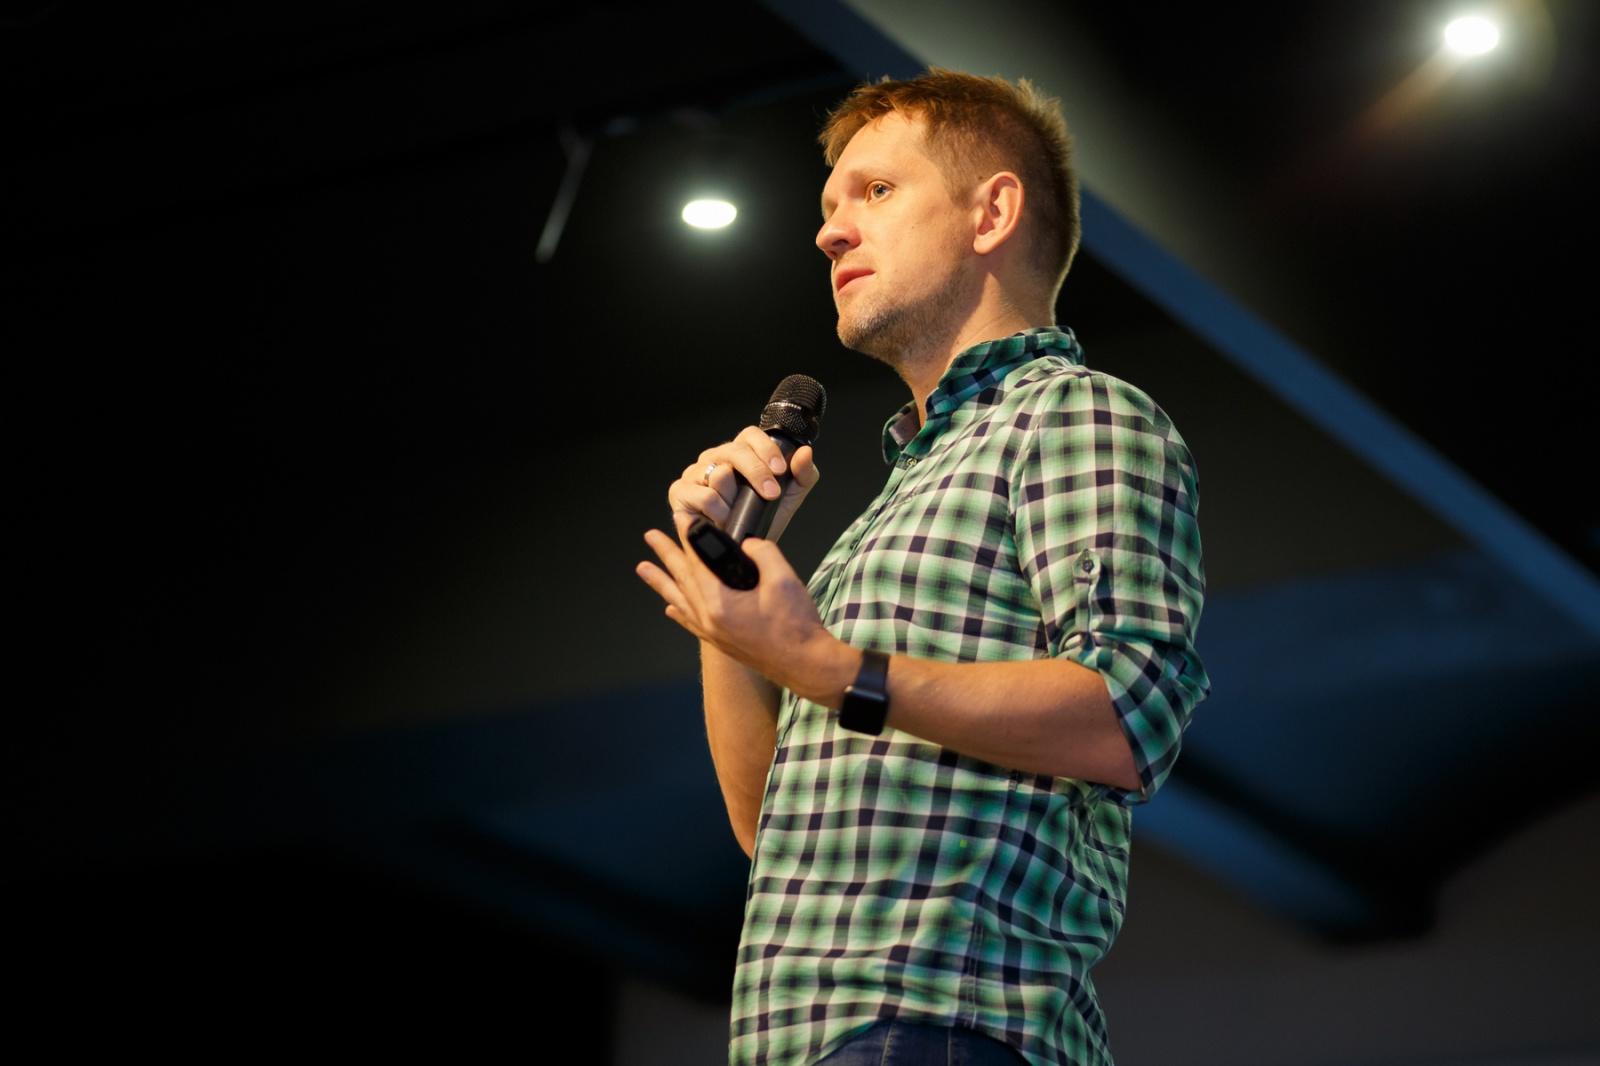 Конференция ПРОSTOR 2018: вопросы и ответы про будущее СХД - 23